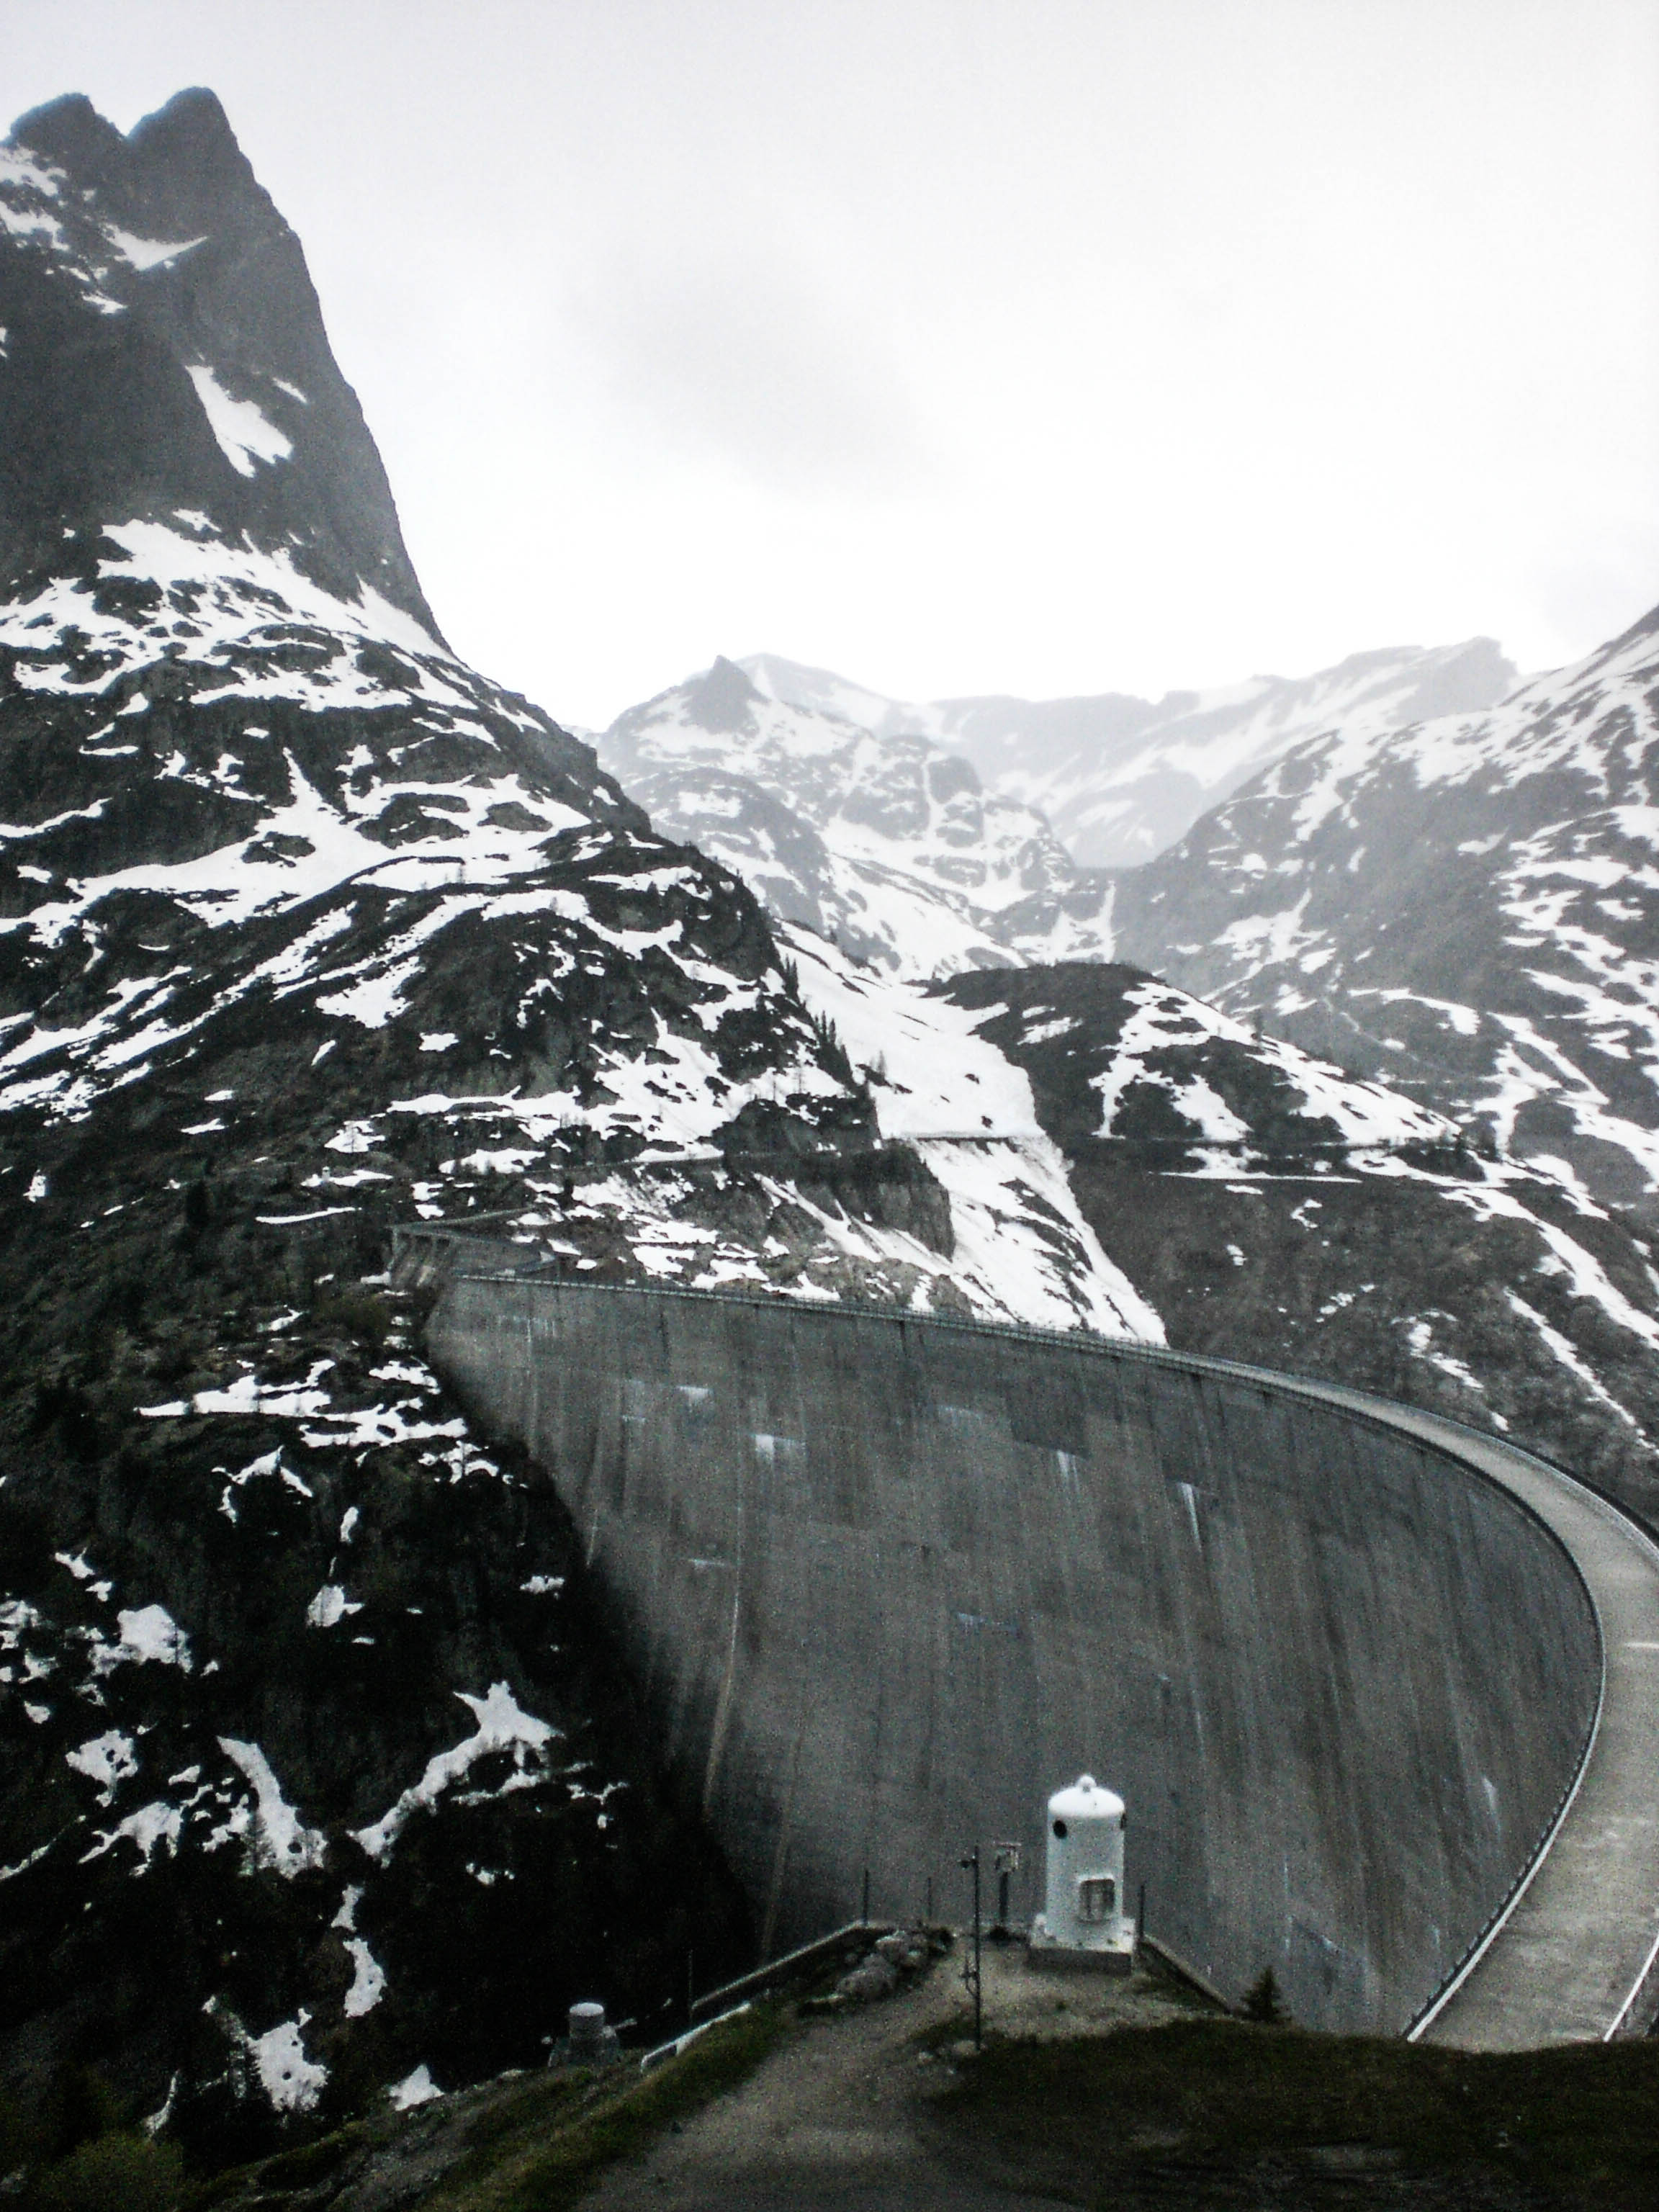 Staumauer am Lac d'Emosson